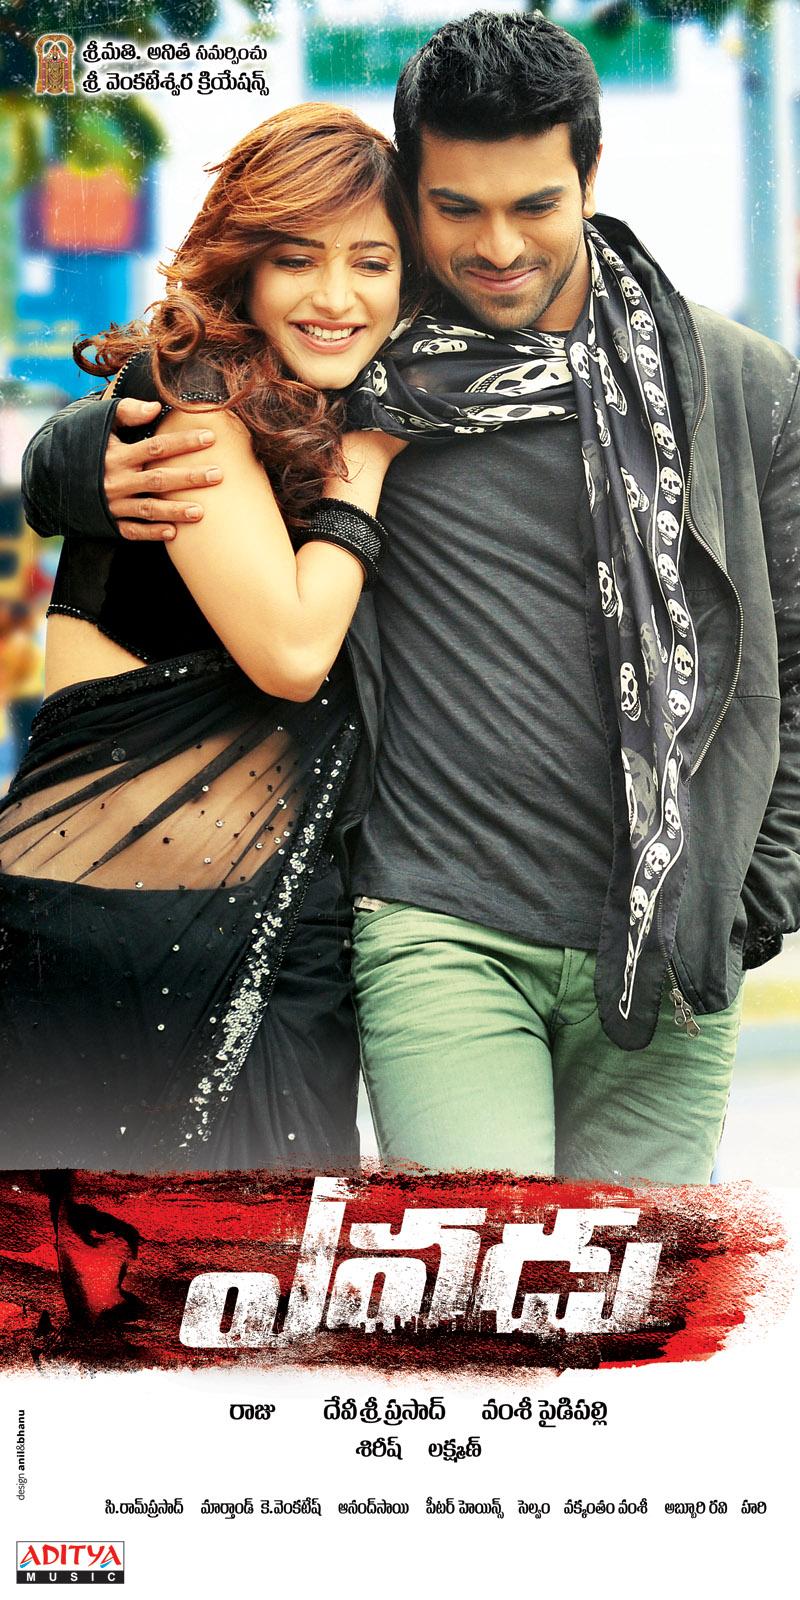 Sudigadu Telugu Movie 500mb Dvdrip noelner Yevadu+Movie+New+Posters+Cinemaya.in+(6)